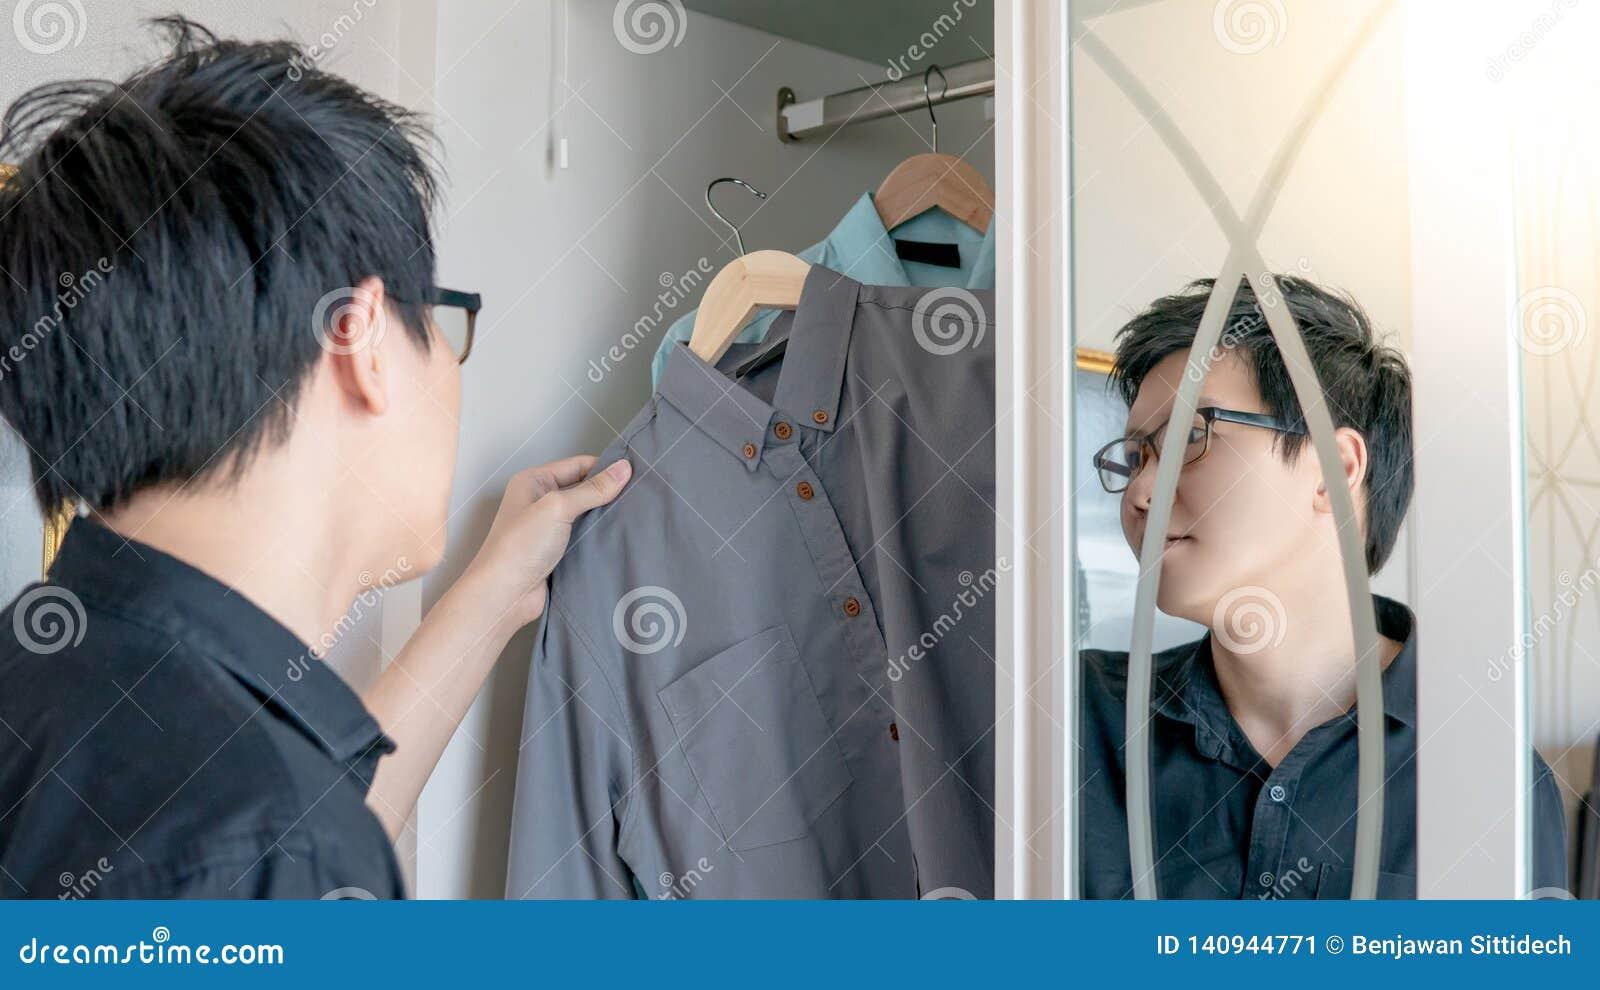 Azjatycki mężczyzna wybiera koszula w szafie